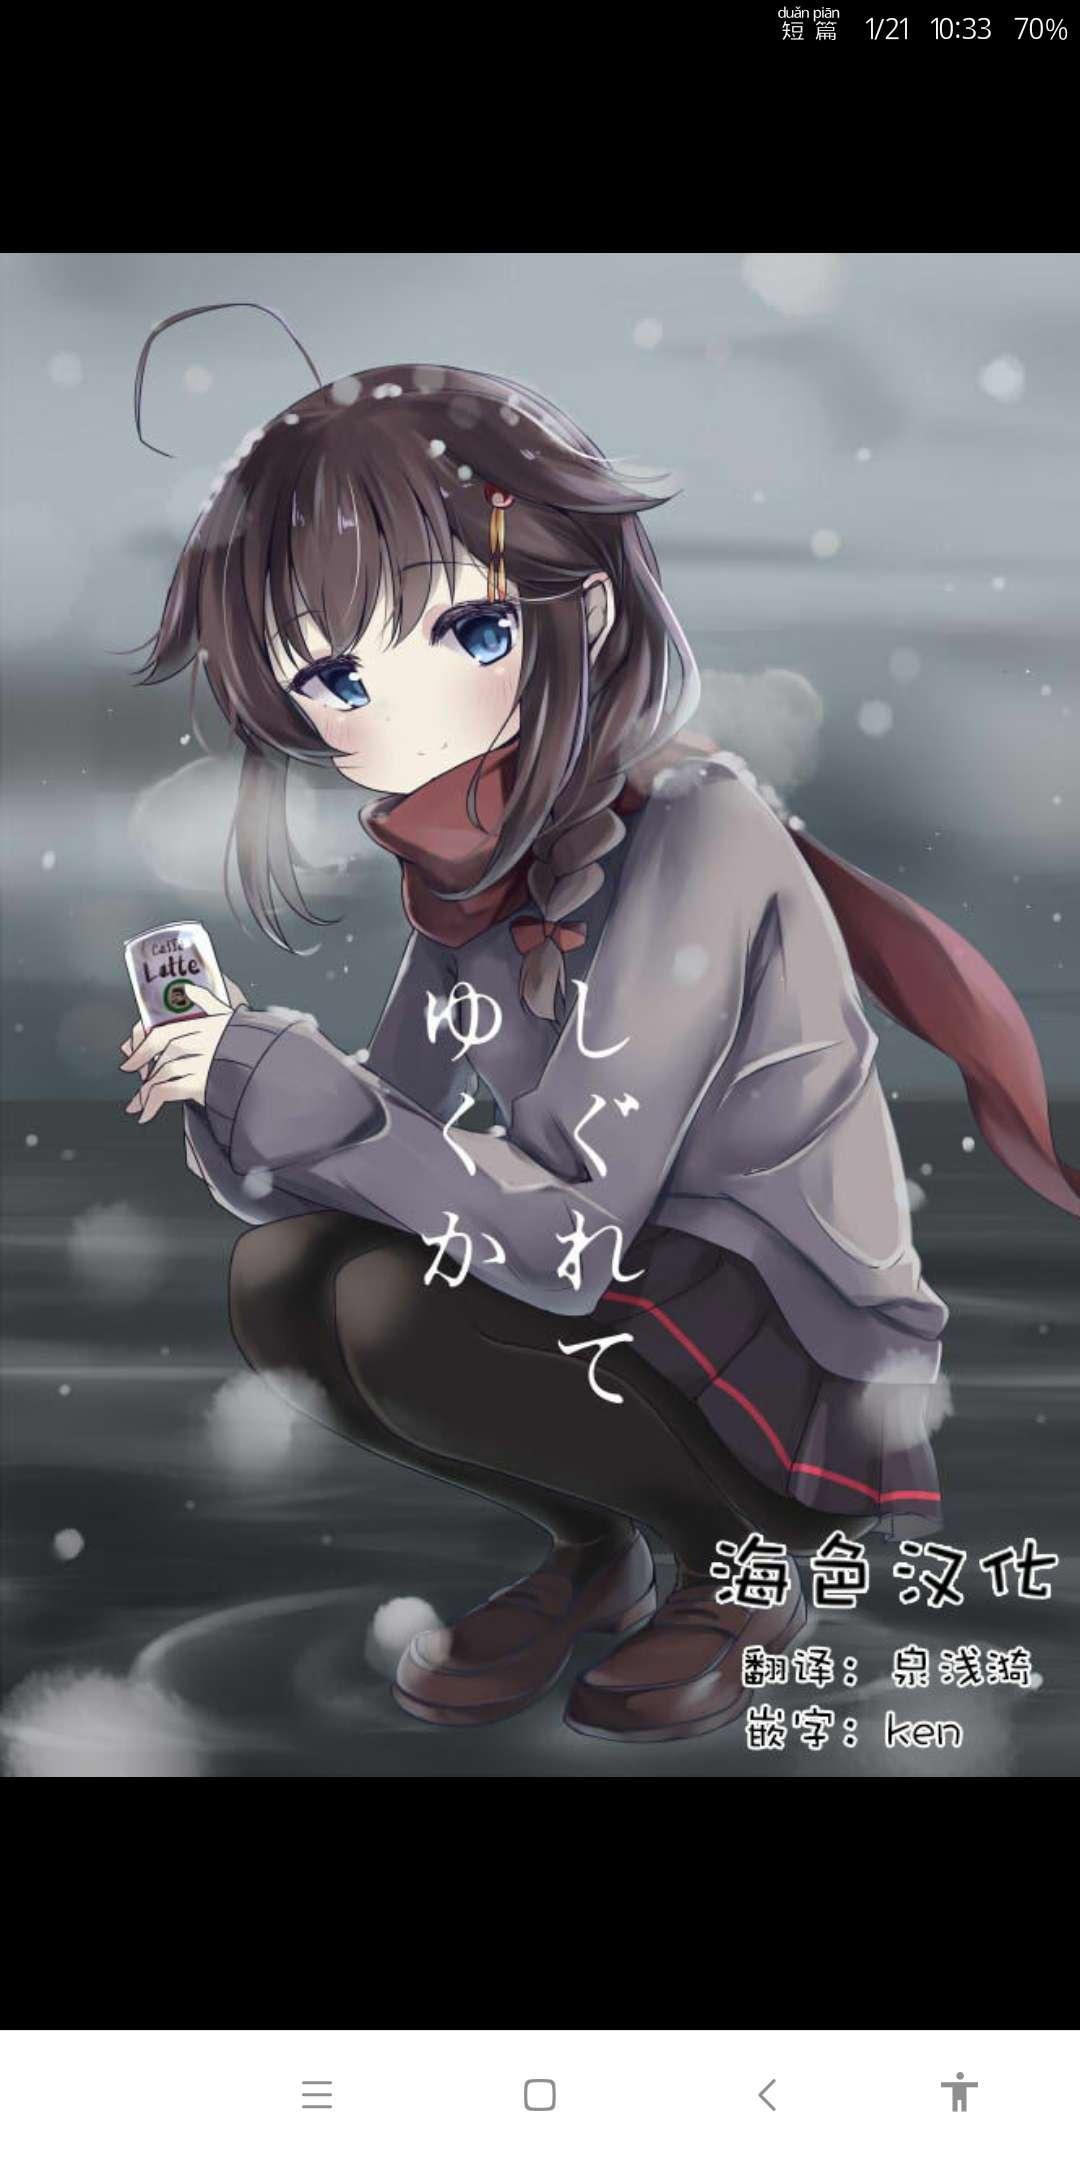 【漫画】时雨且徐行,穿越动漫同人完结小说-小柚妹站